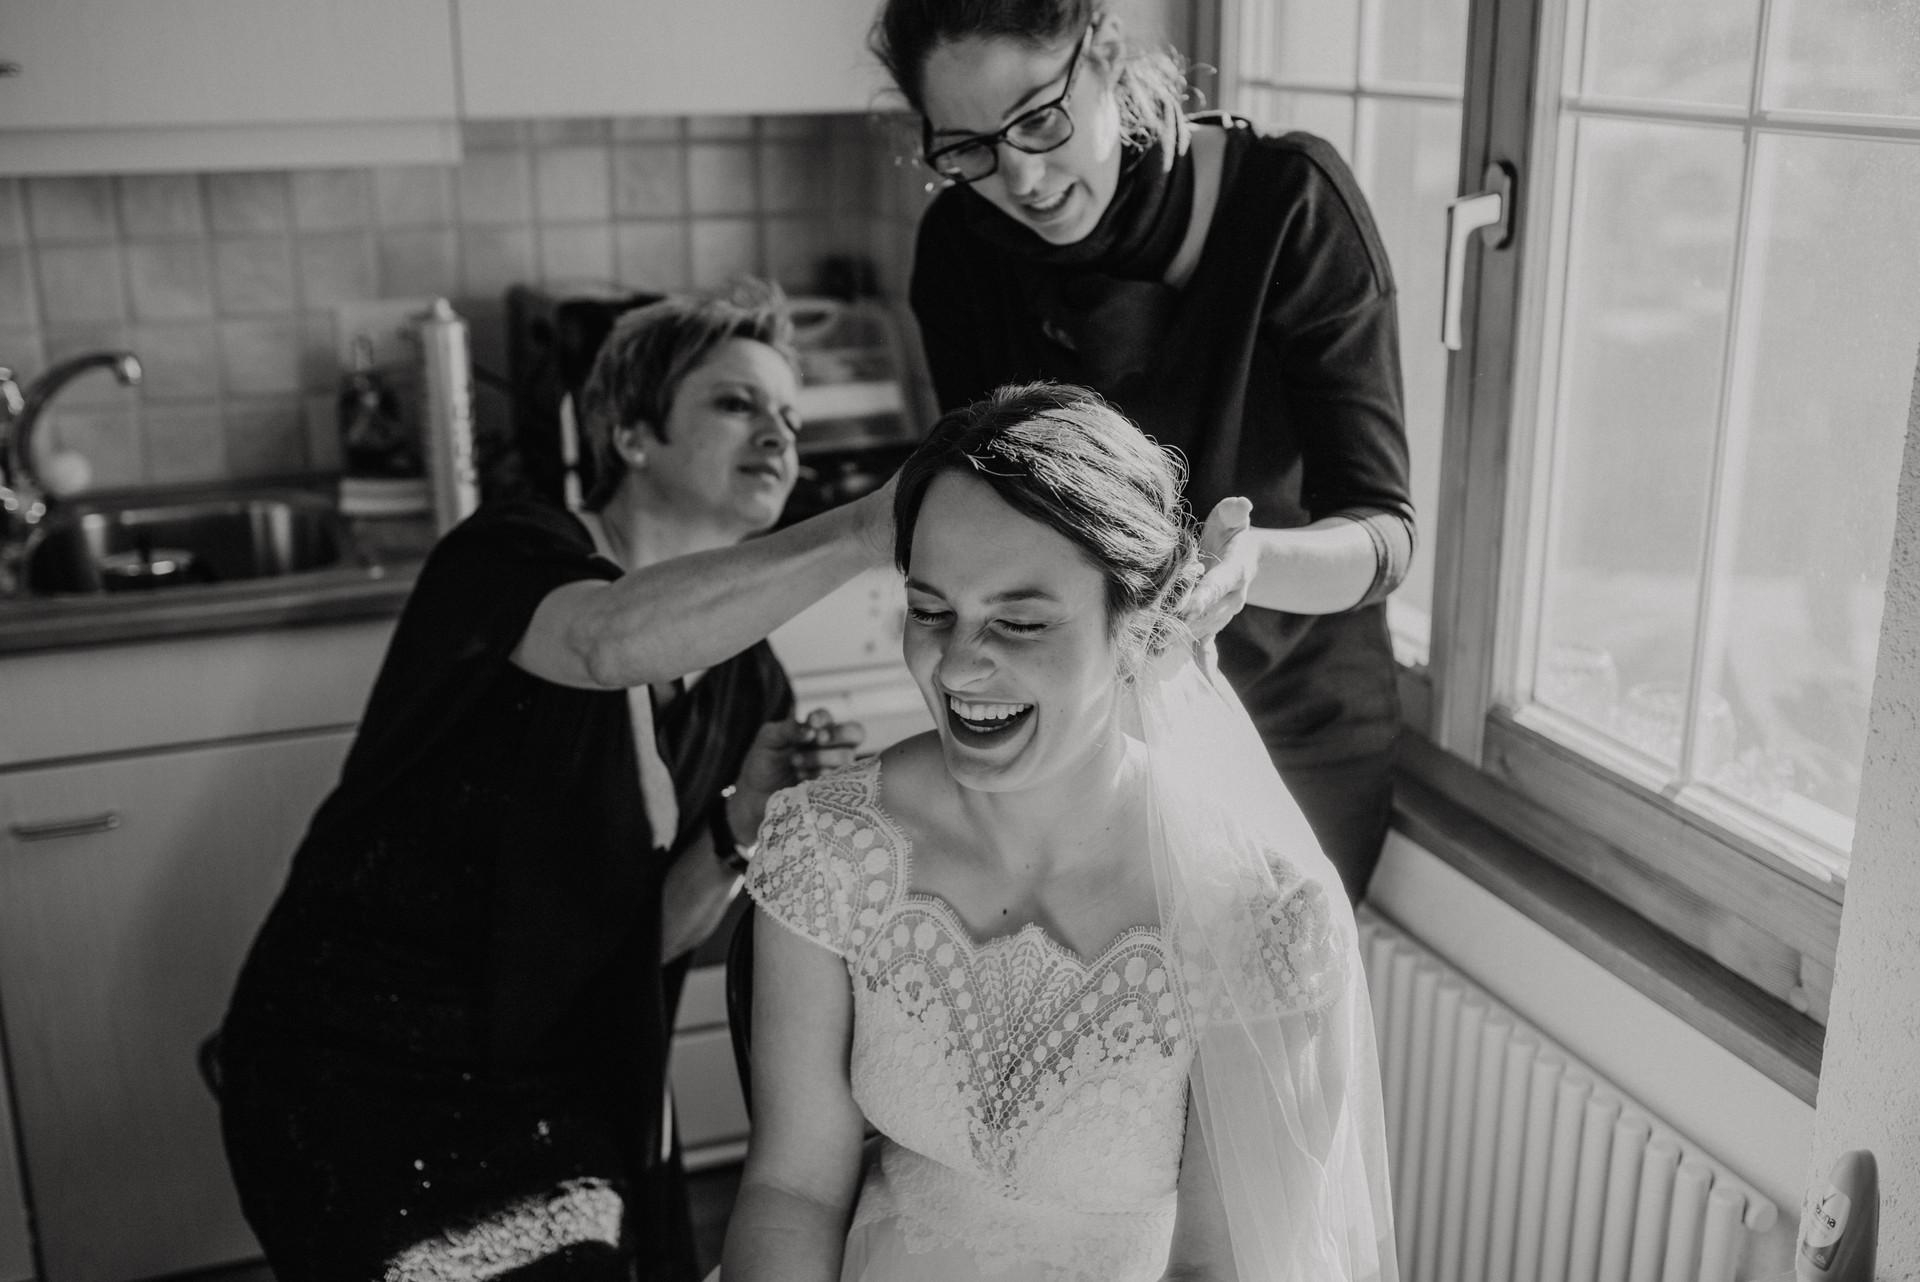 Hochzeitsfotografen-12.jpg